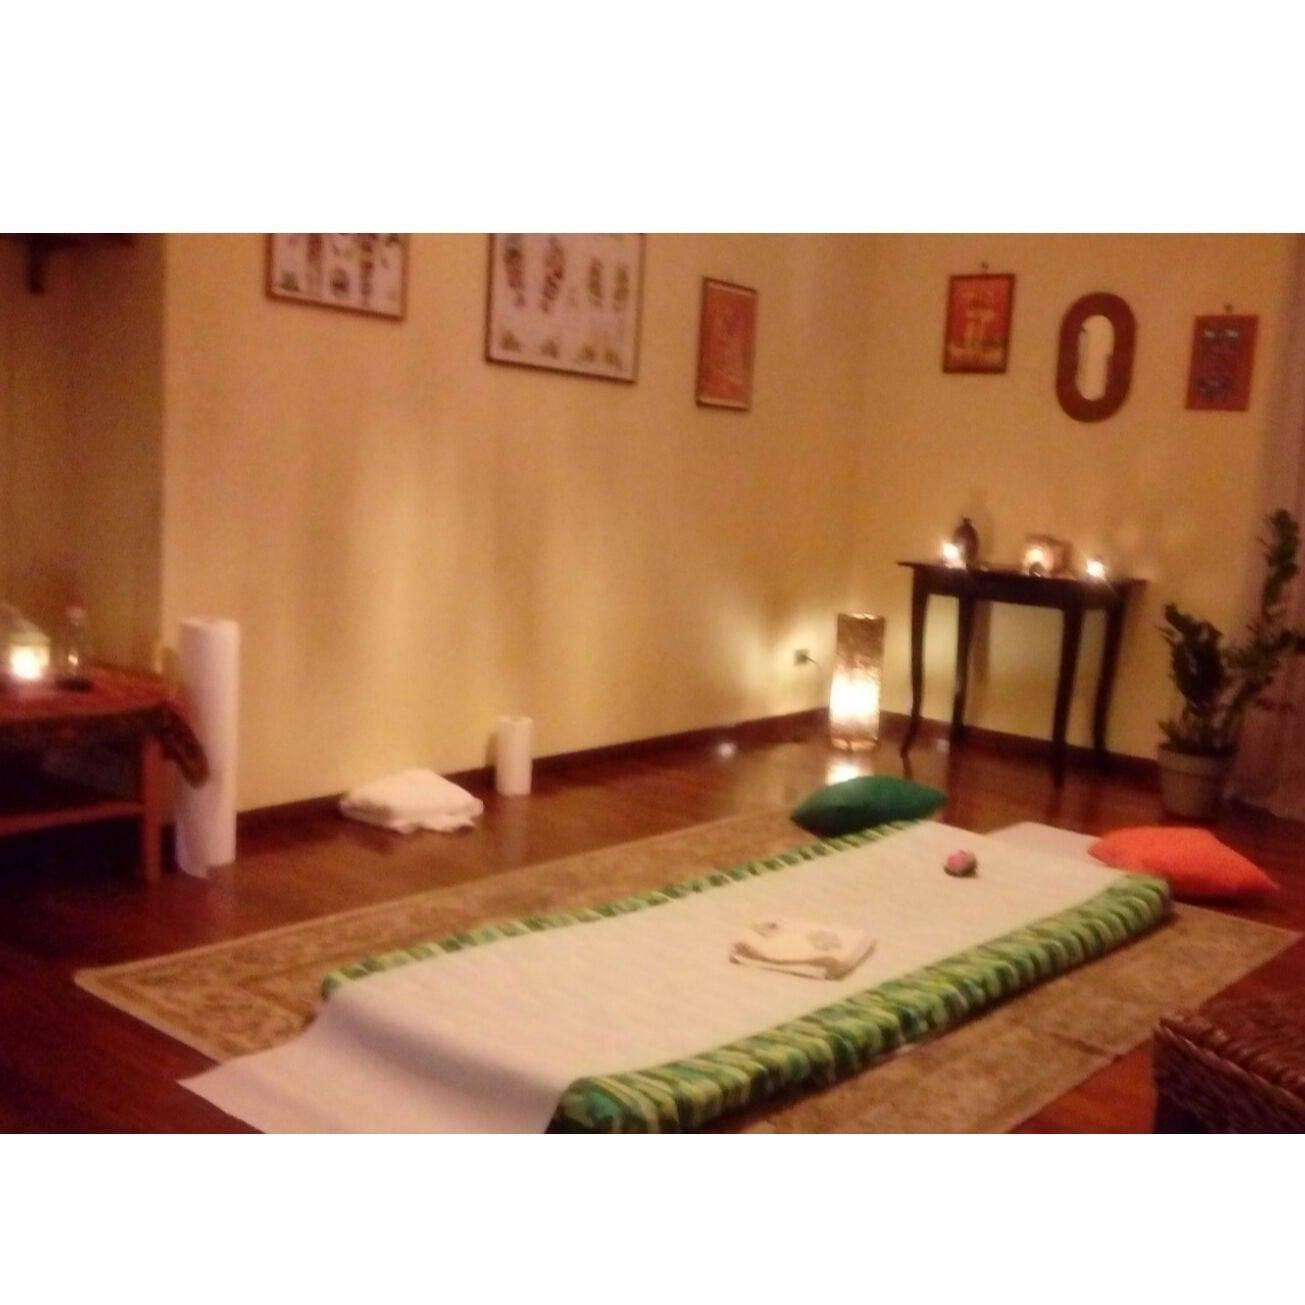 corso massaggio olistico afragola